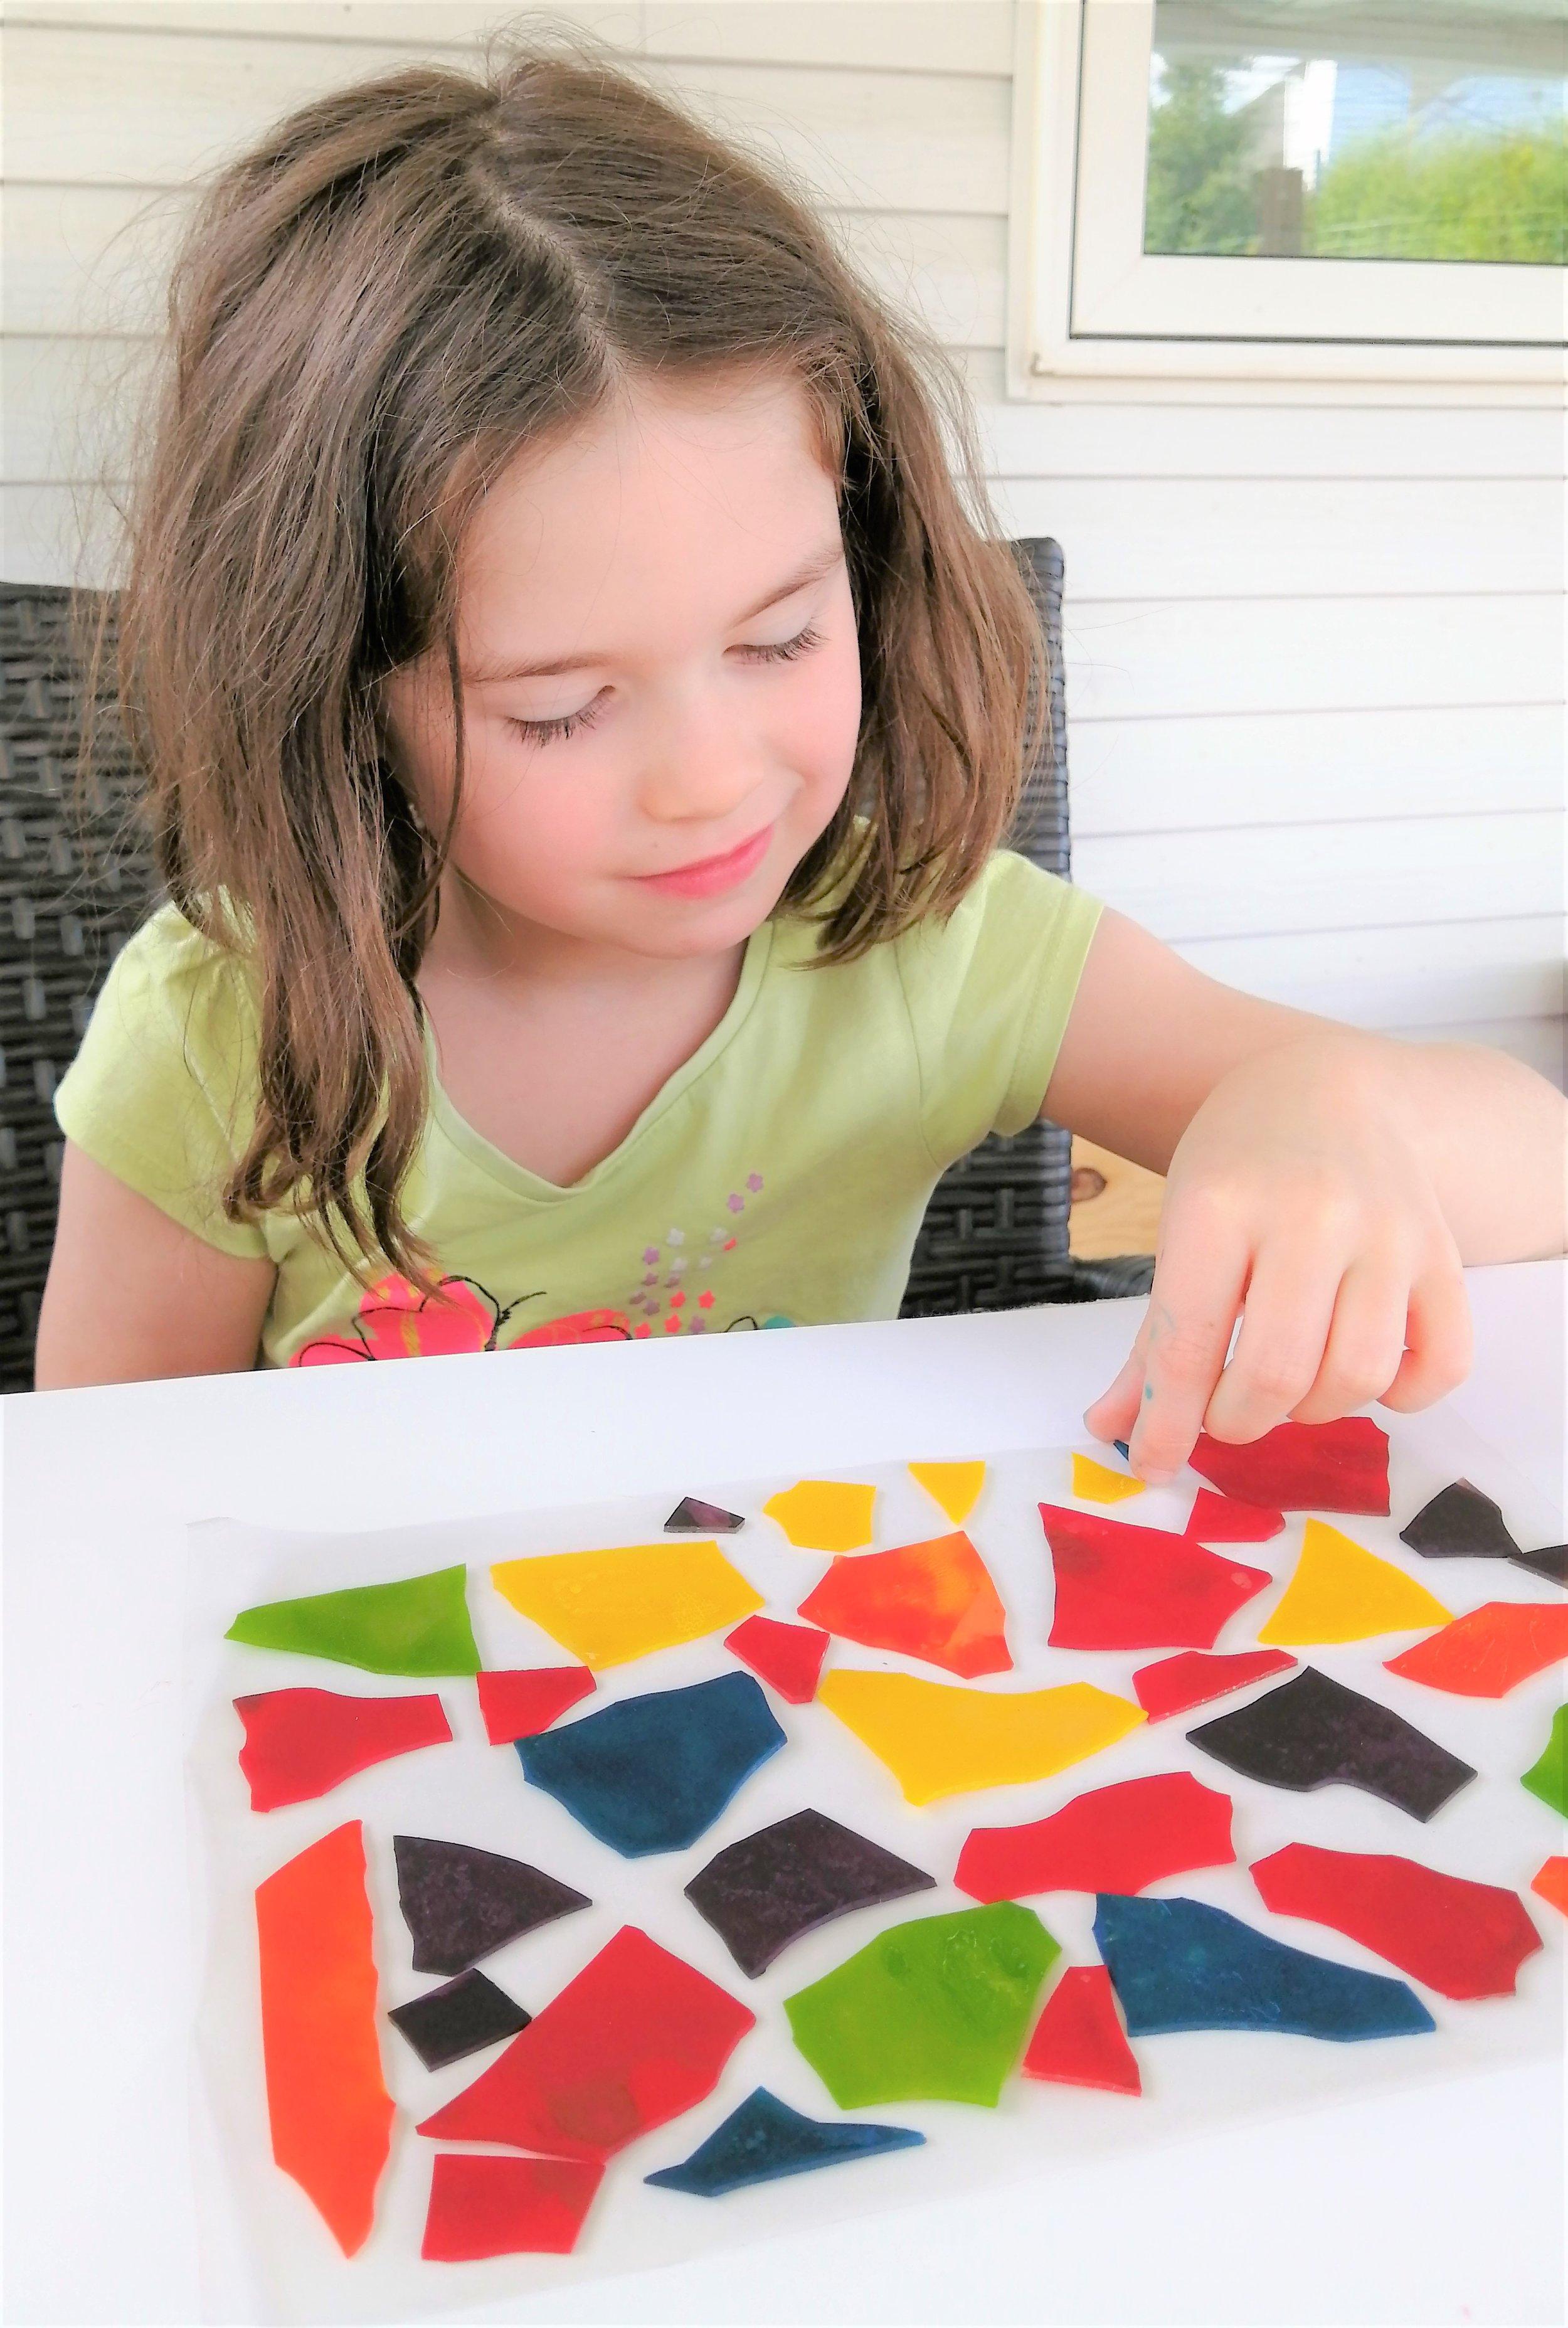 vitraux-lasagnes-art-couleur-enfant-bricolage